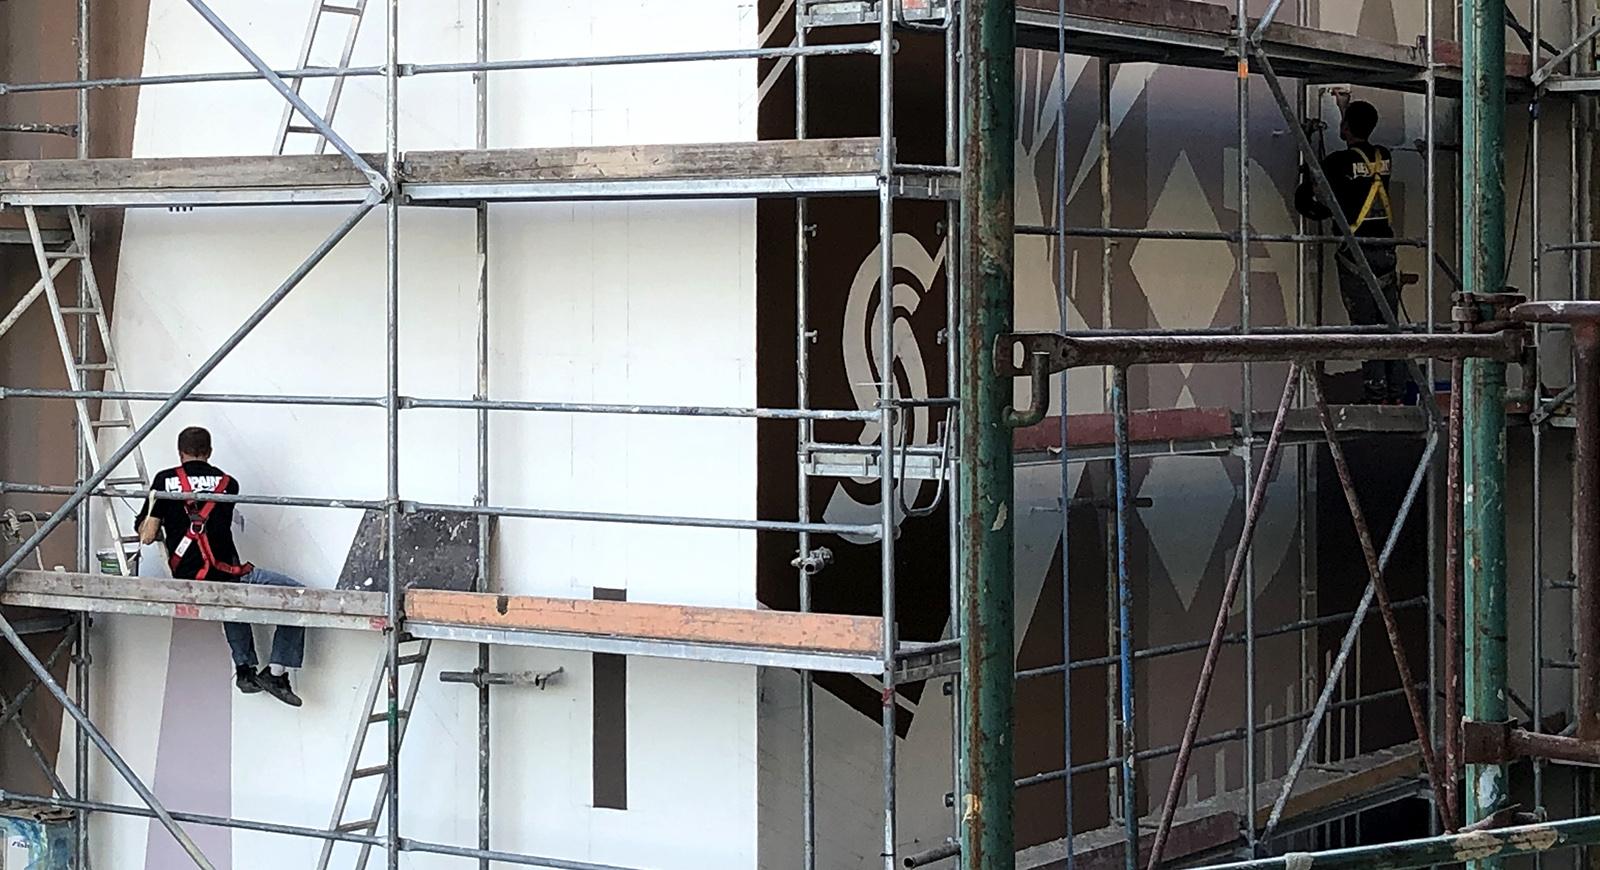 lakópark tűzfaldekoráció - neopaint works